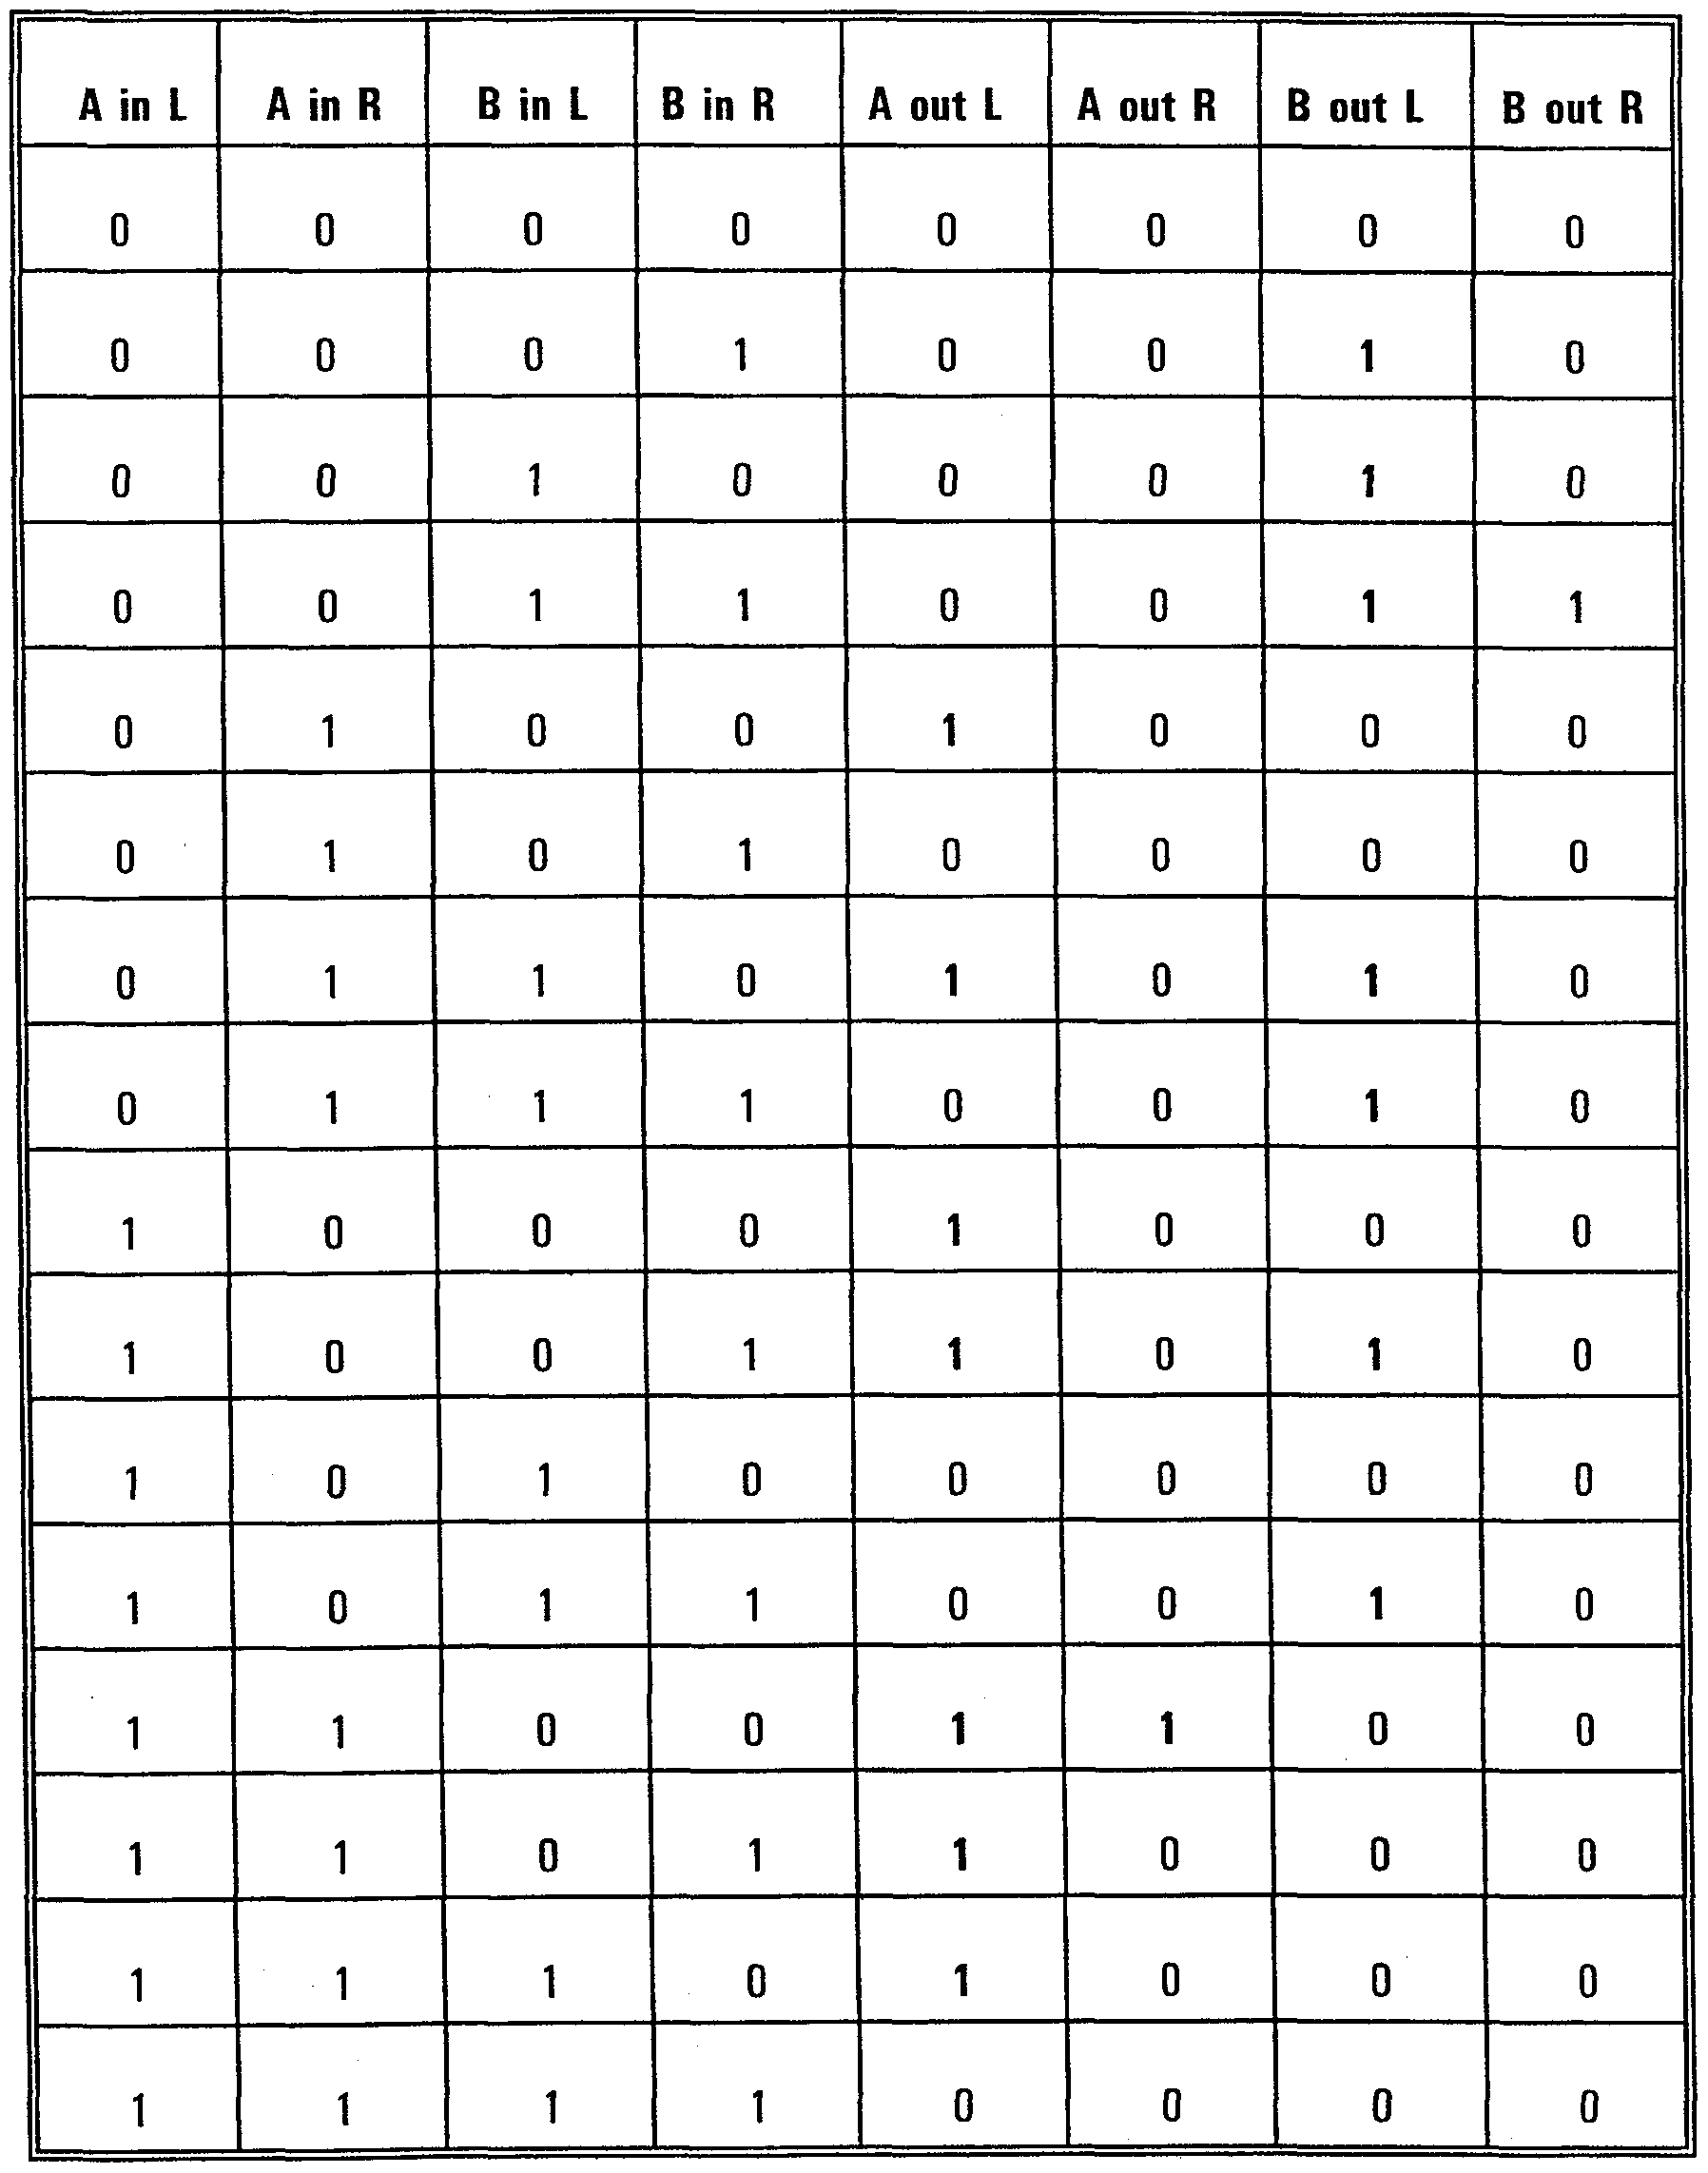 4 Bit Comparator Logic Diagram